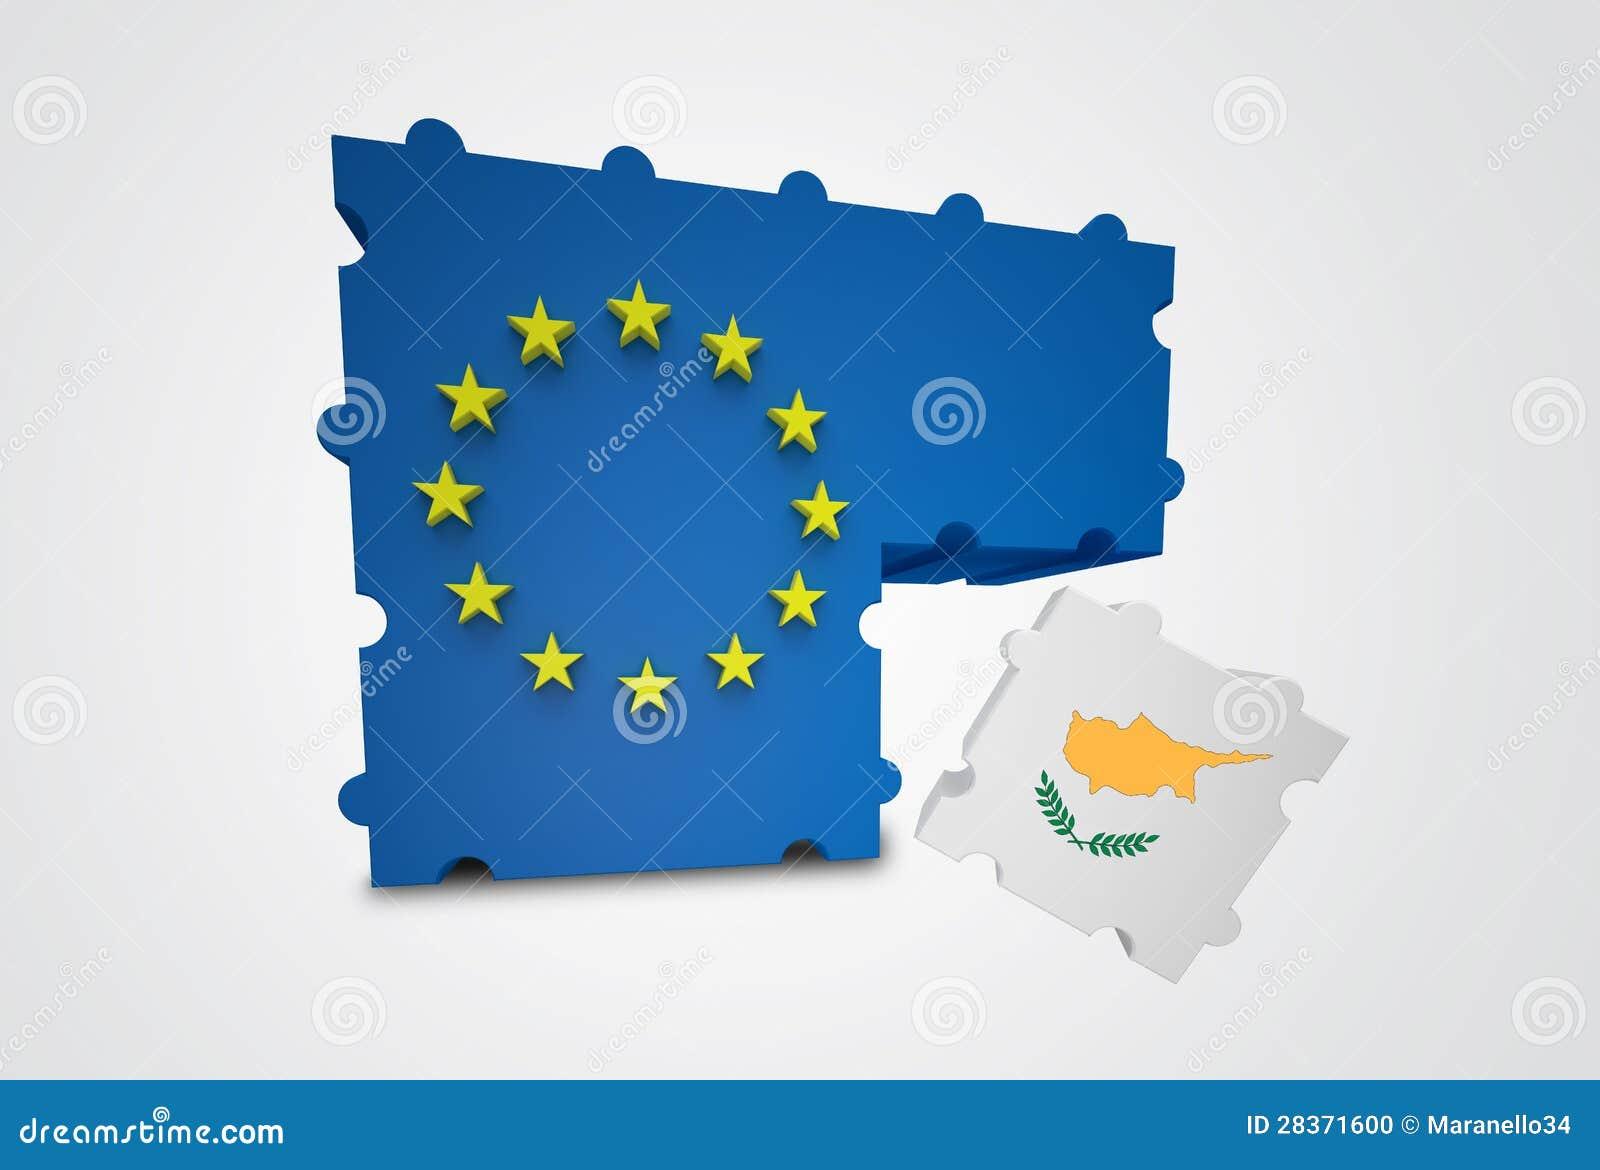 Zypern löschte von der Europäischen Gemeinschaft